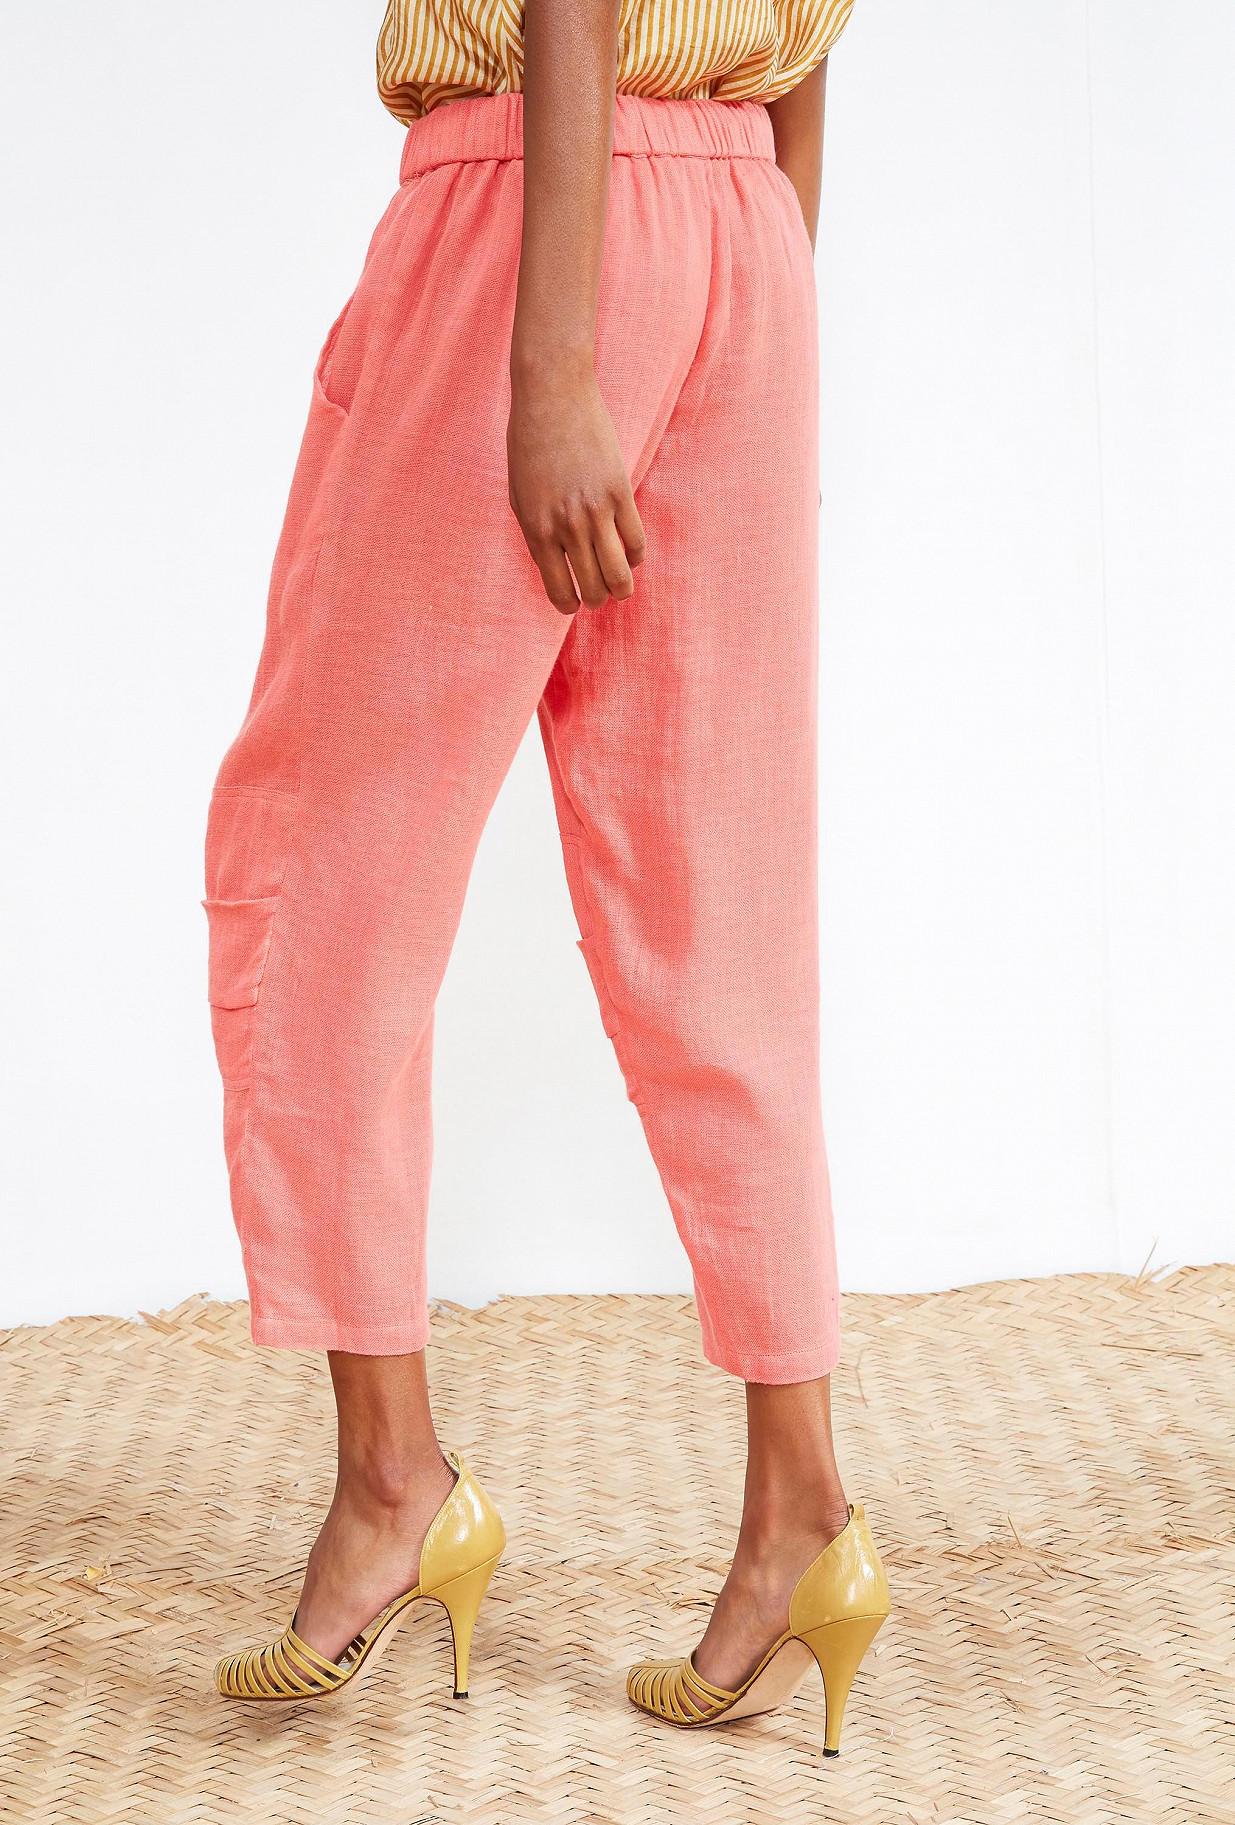 clothes store PANTS  Rag french designer fashion Paris